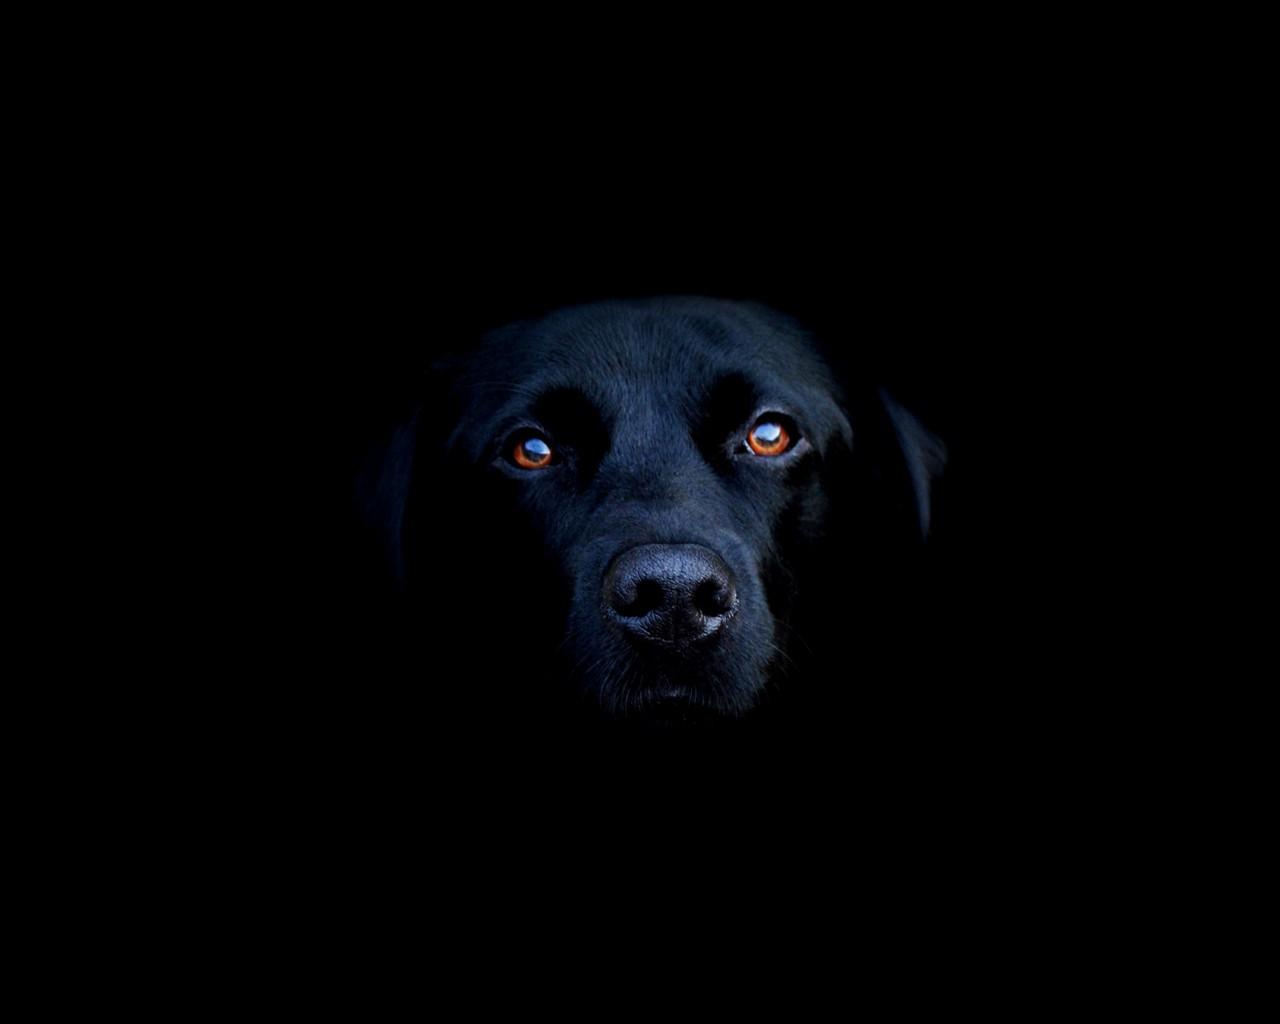 [Imagen: perro_negro-1280x1024.jpg]